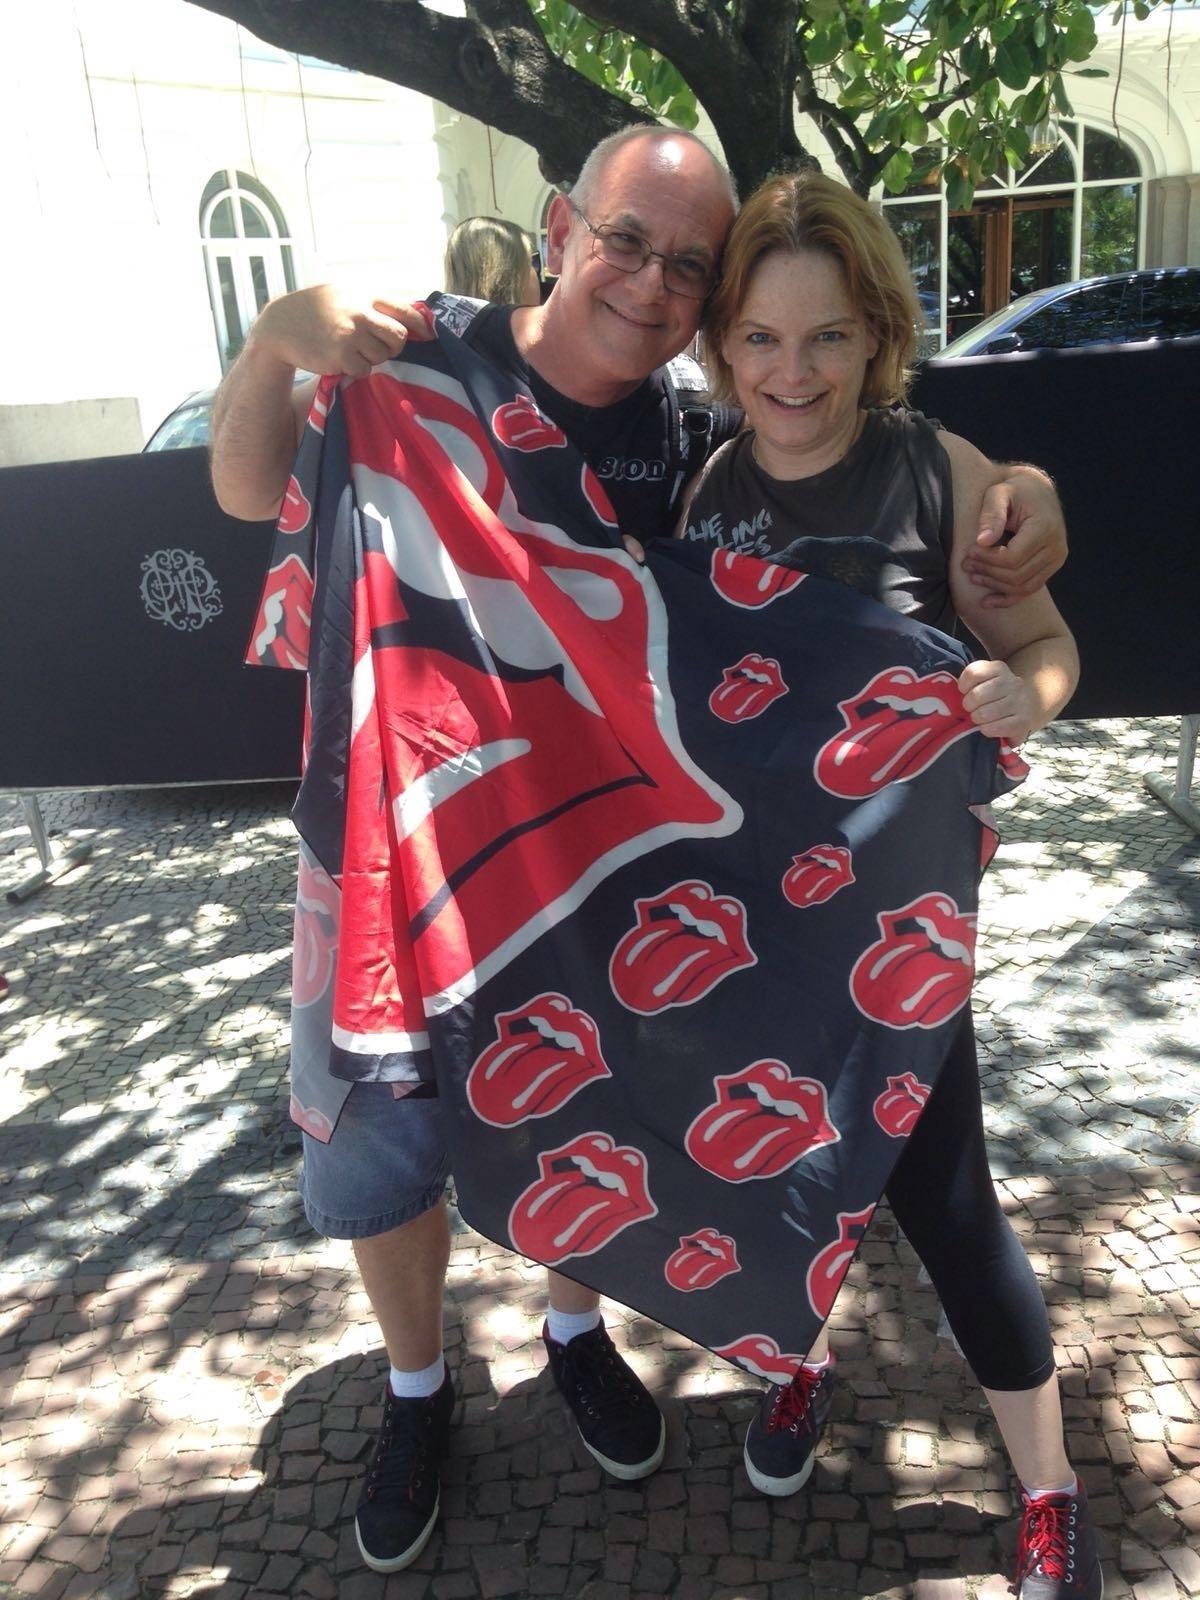 20.fev.2016 - O casal Val Stone, 47, e Fabiana Drobinich, 37, veio de Limeira (SP) para o show dos Rolling Stones no Maracanã